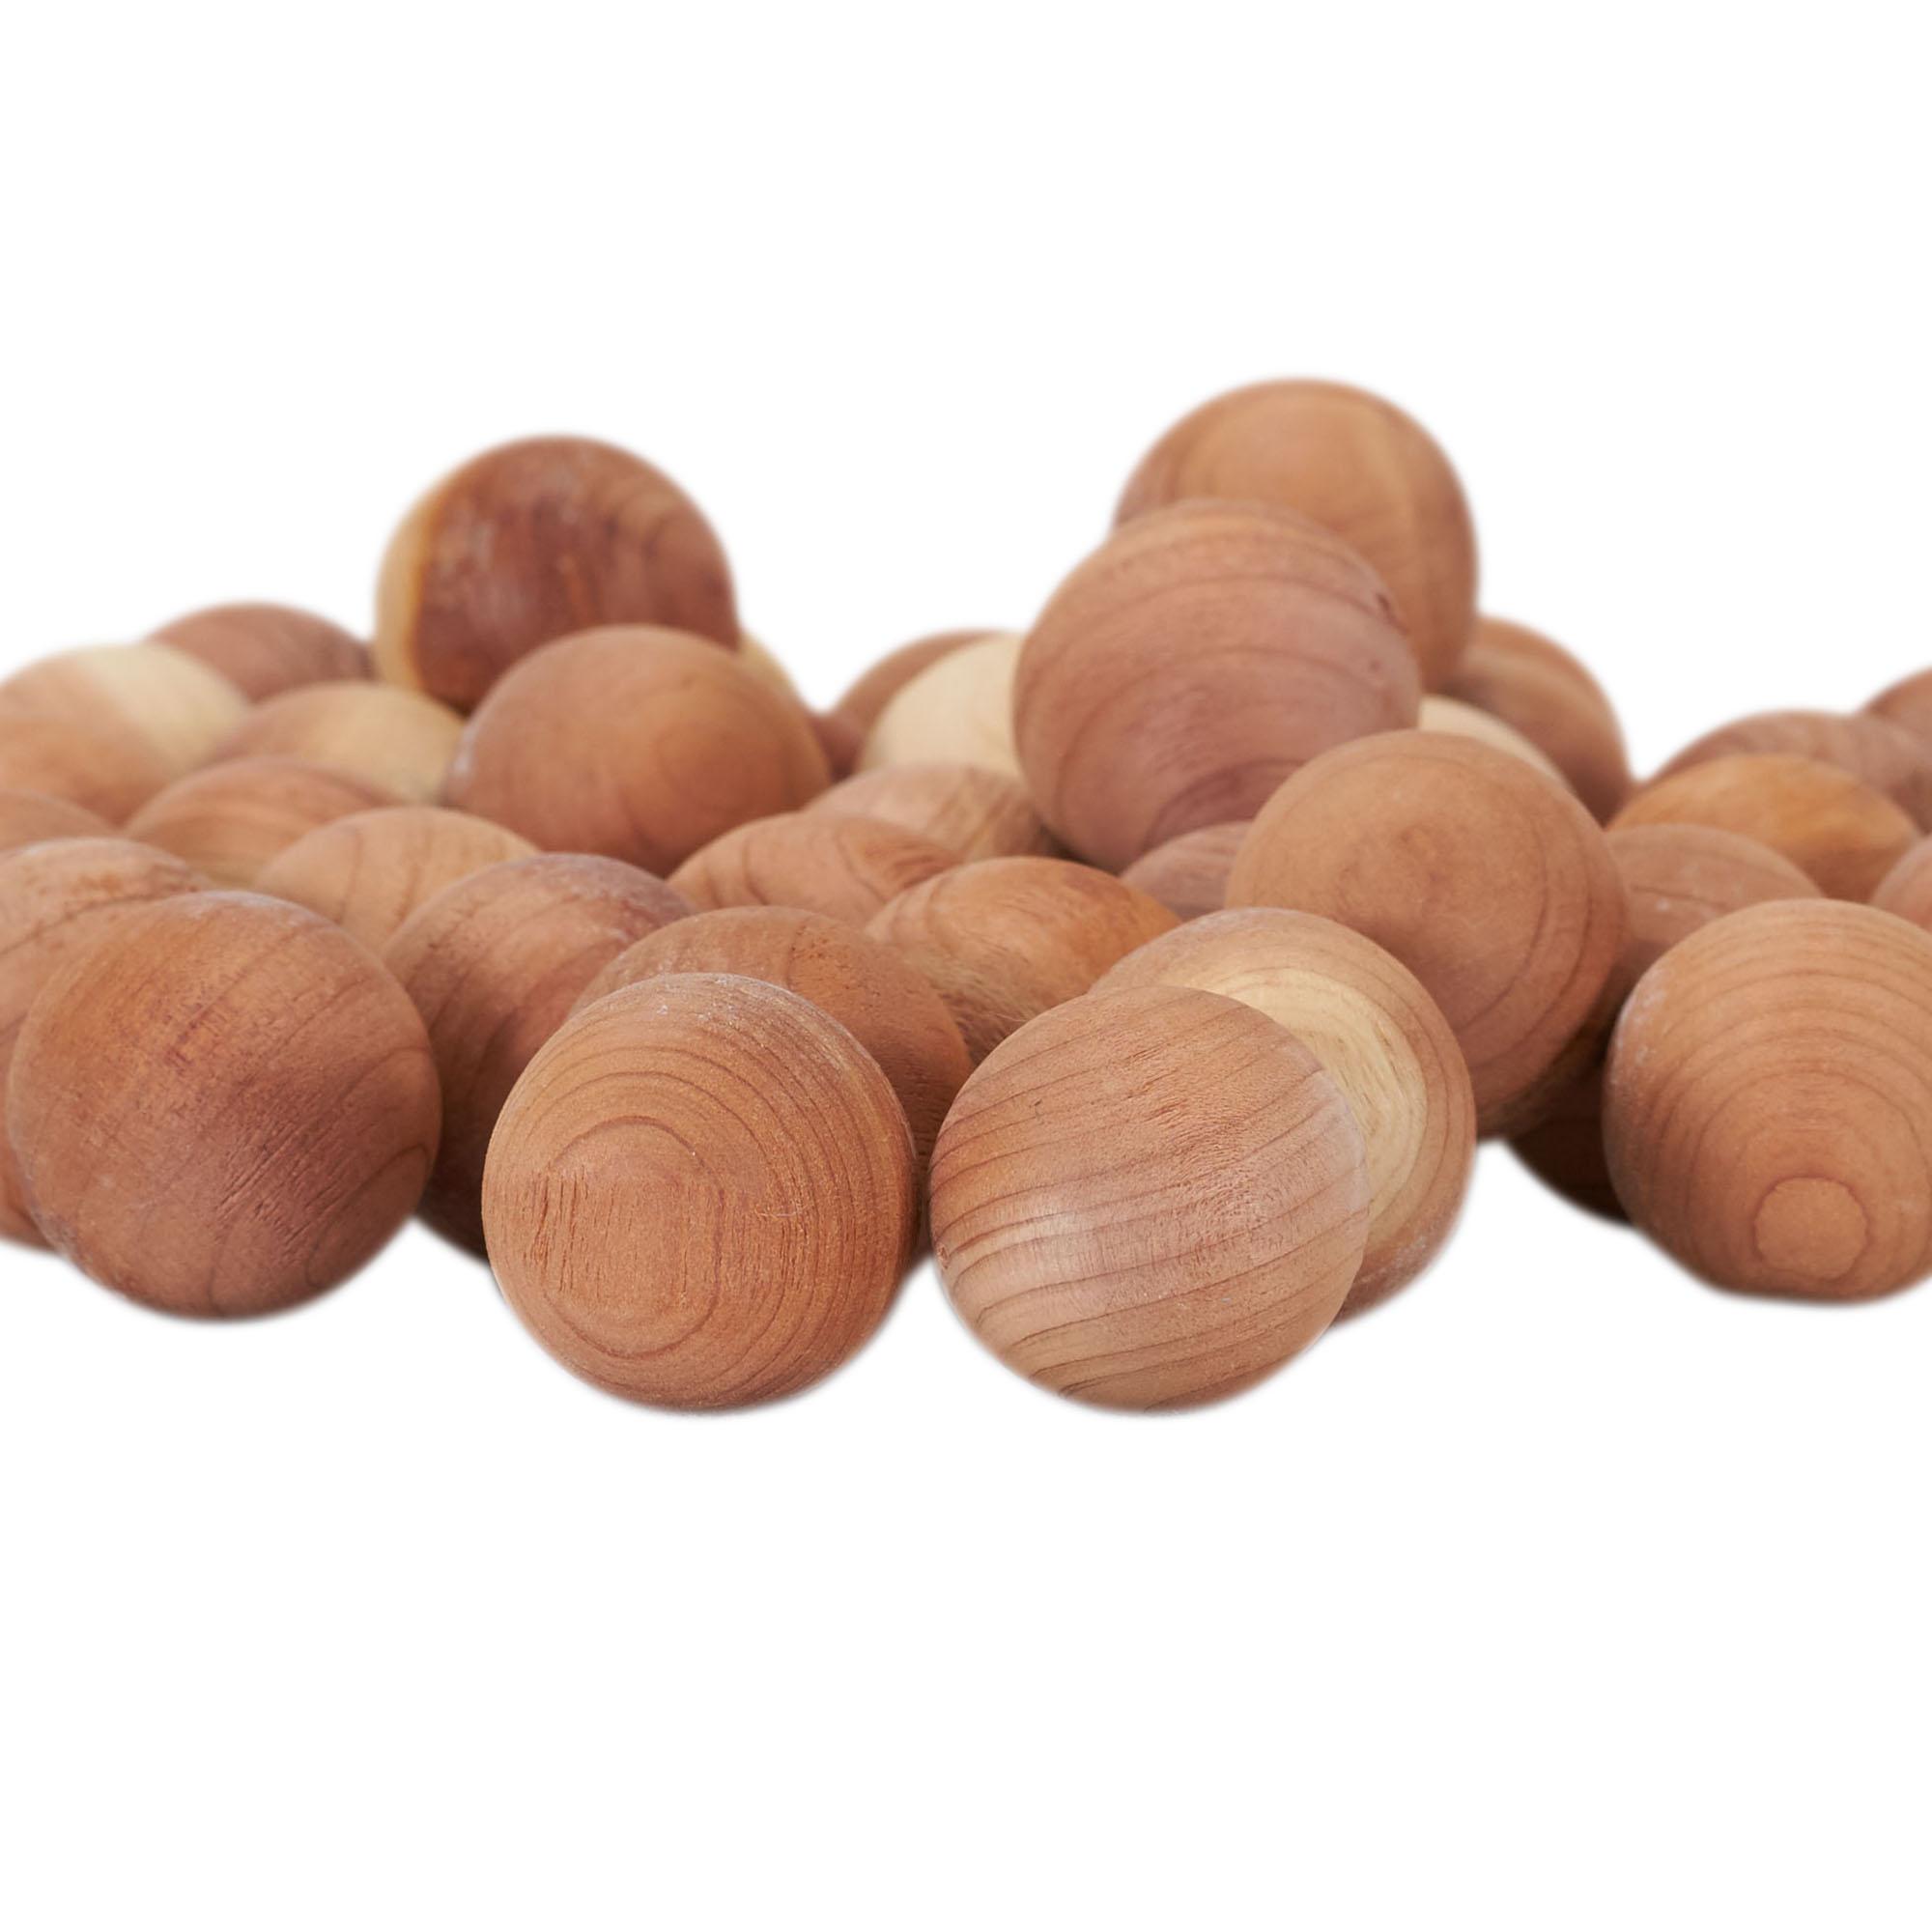 Шарик из кедрового дерева с защитой из кашемира, кедровые шары для хранения одежды